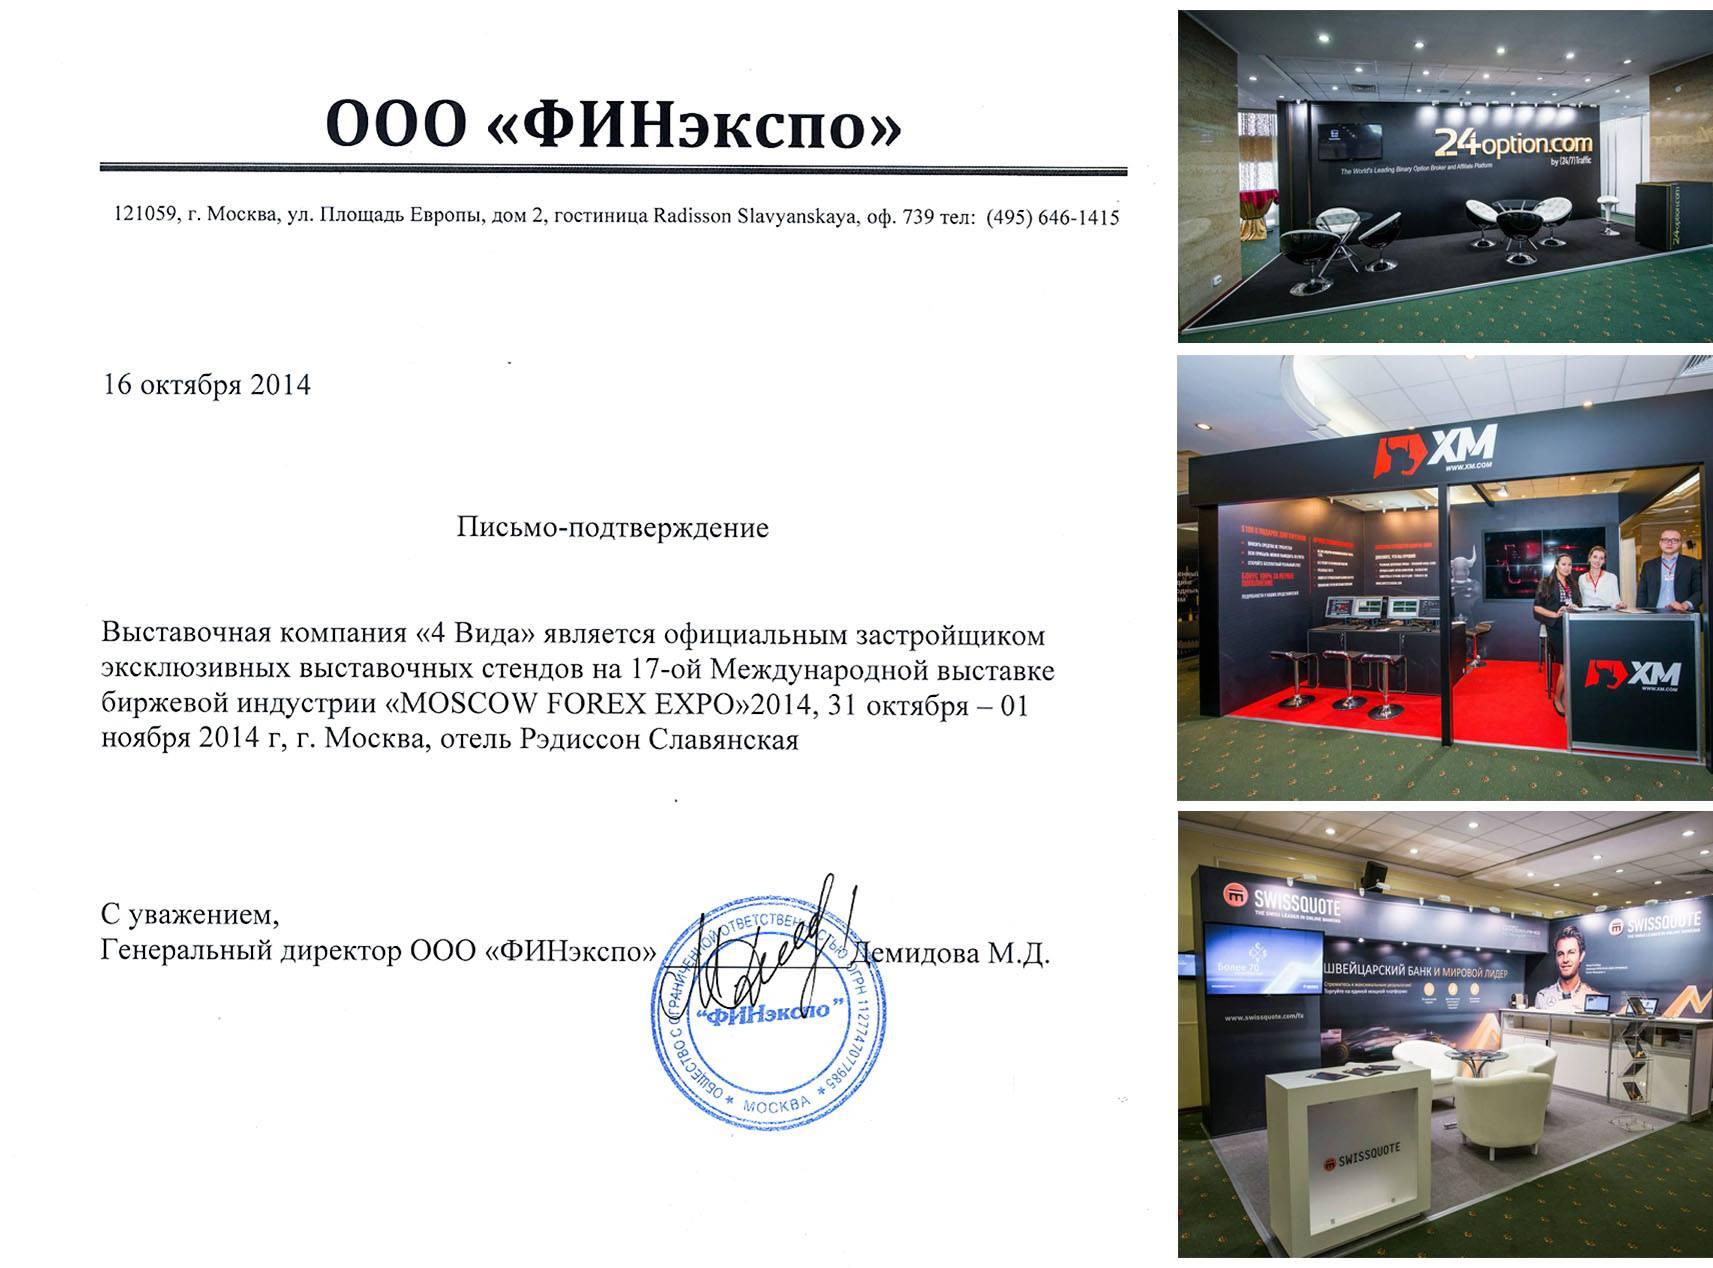 Рэдиссон славянская форекс экспо 2012 daily forex trades